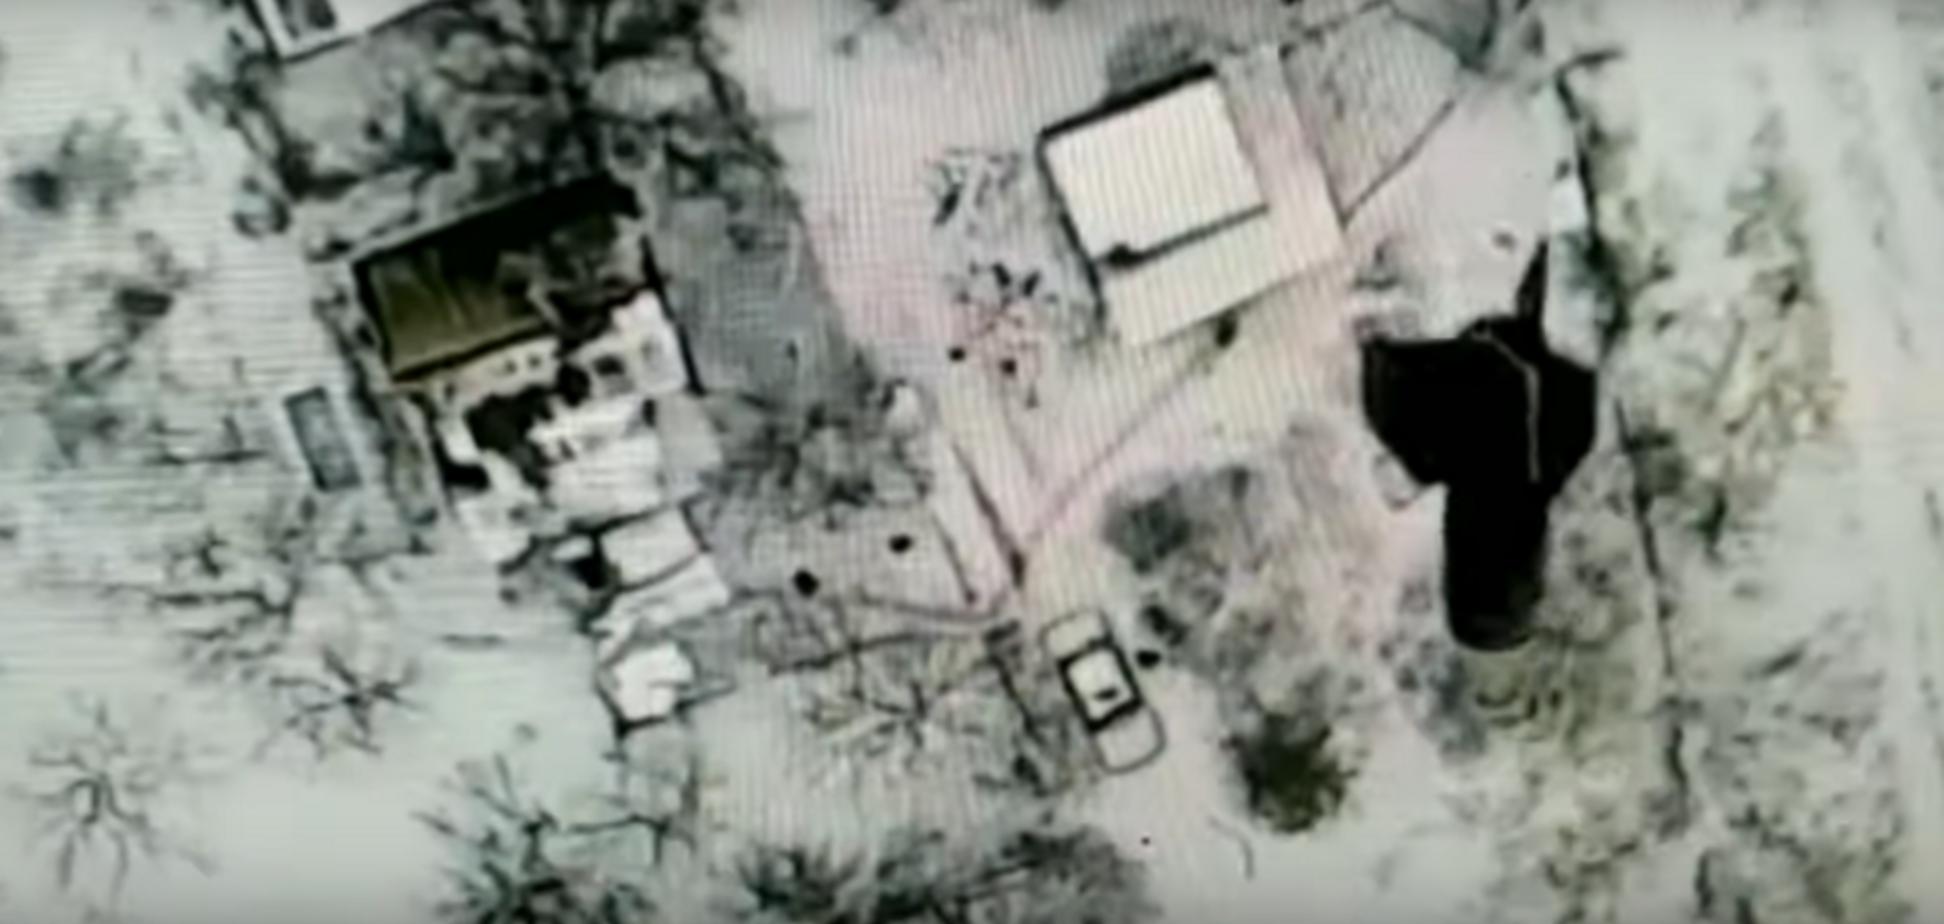 Кара наздогнала: з'явилося видовищне відео ліквідації терористів ''ДНР'' із повітря